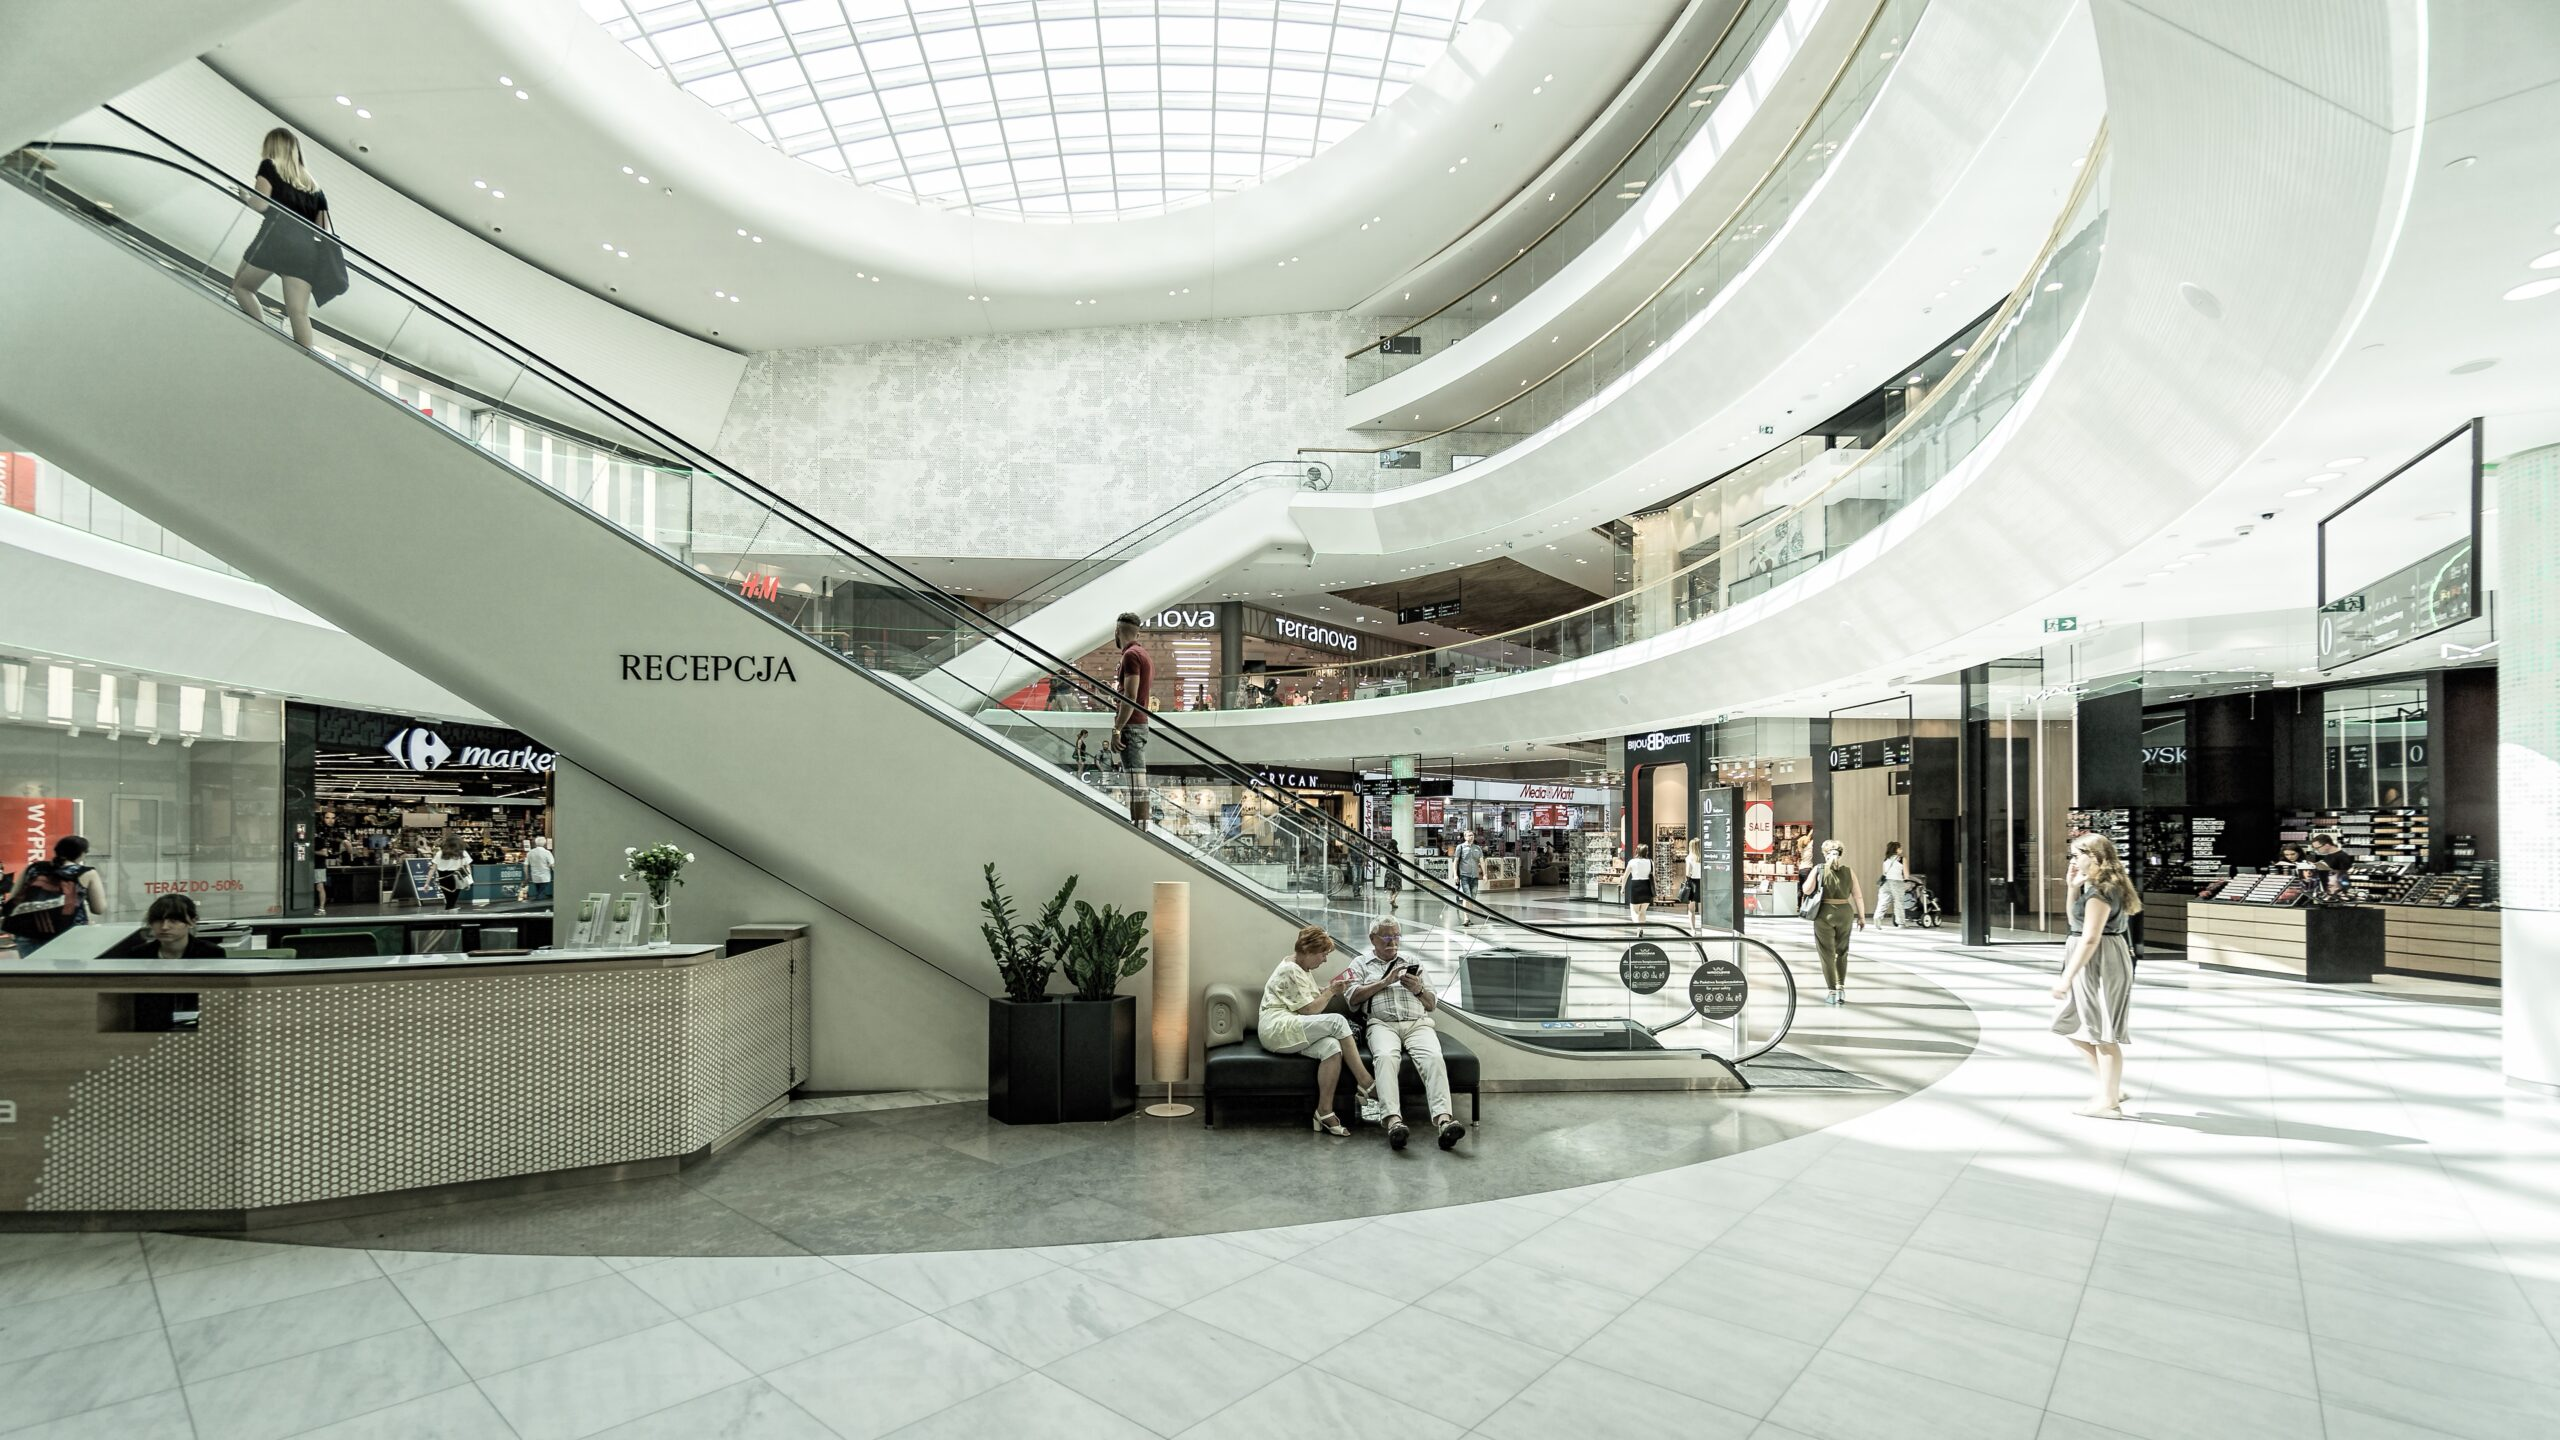 Centros y establecimientos comerciales